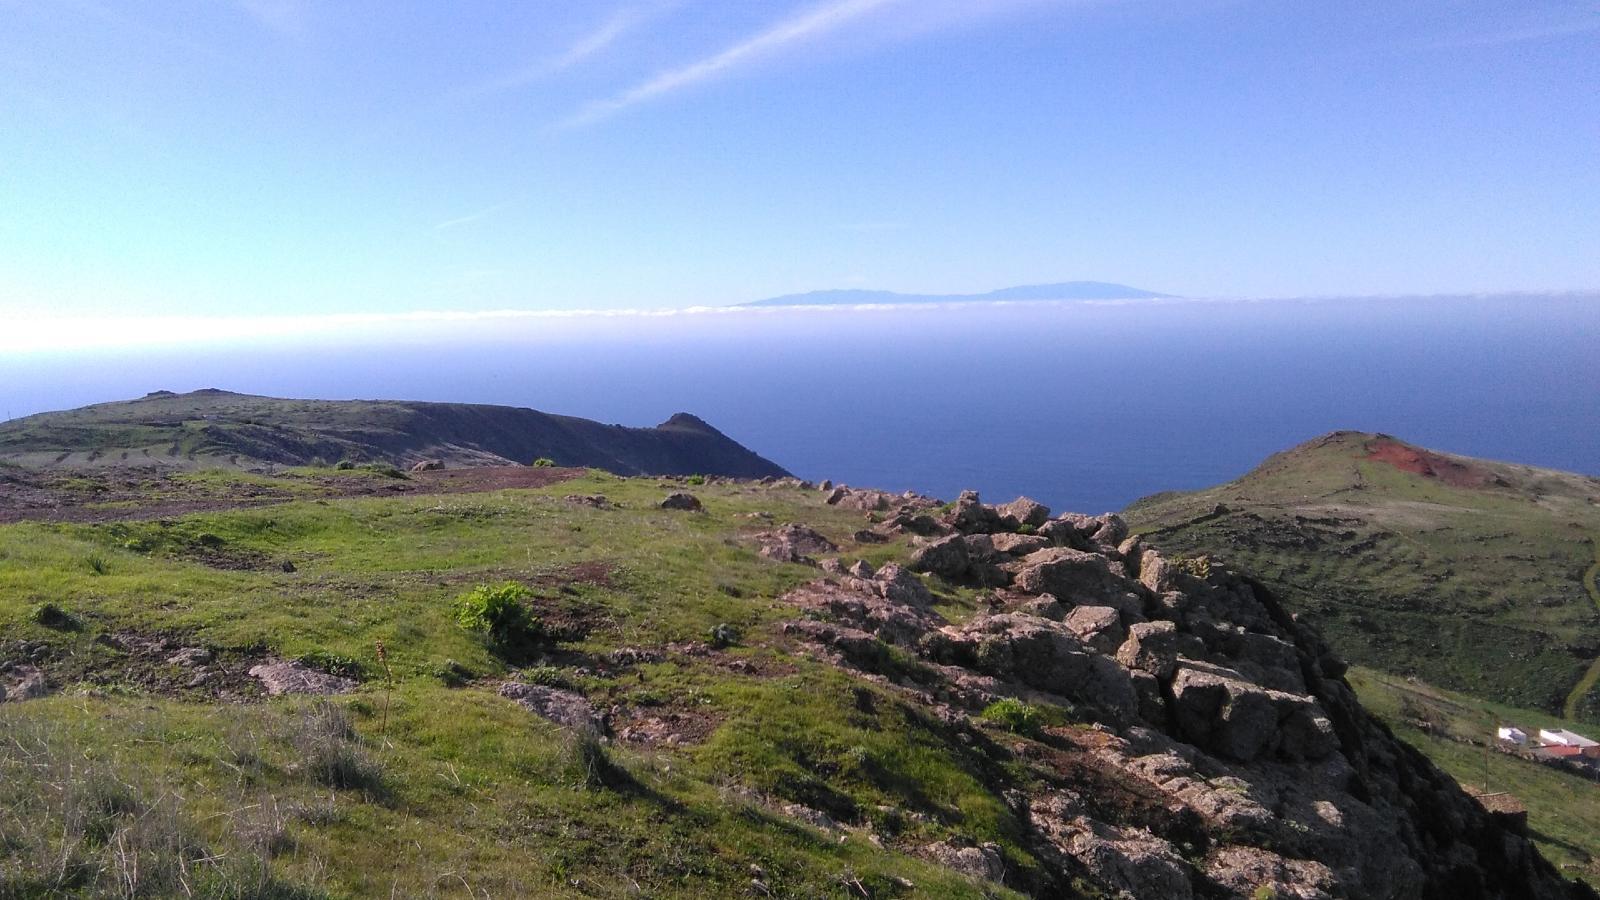 Sendero por la meseta de Teno Alto con la isla de La Palma en el horizonte